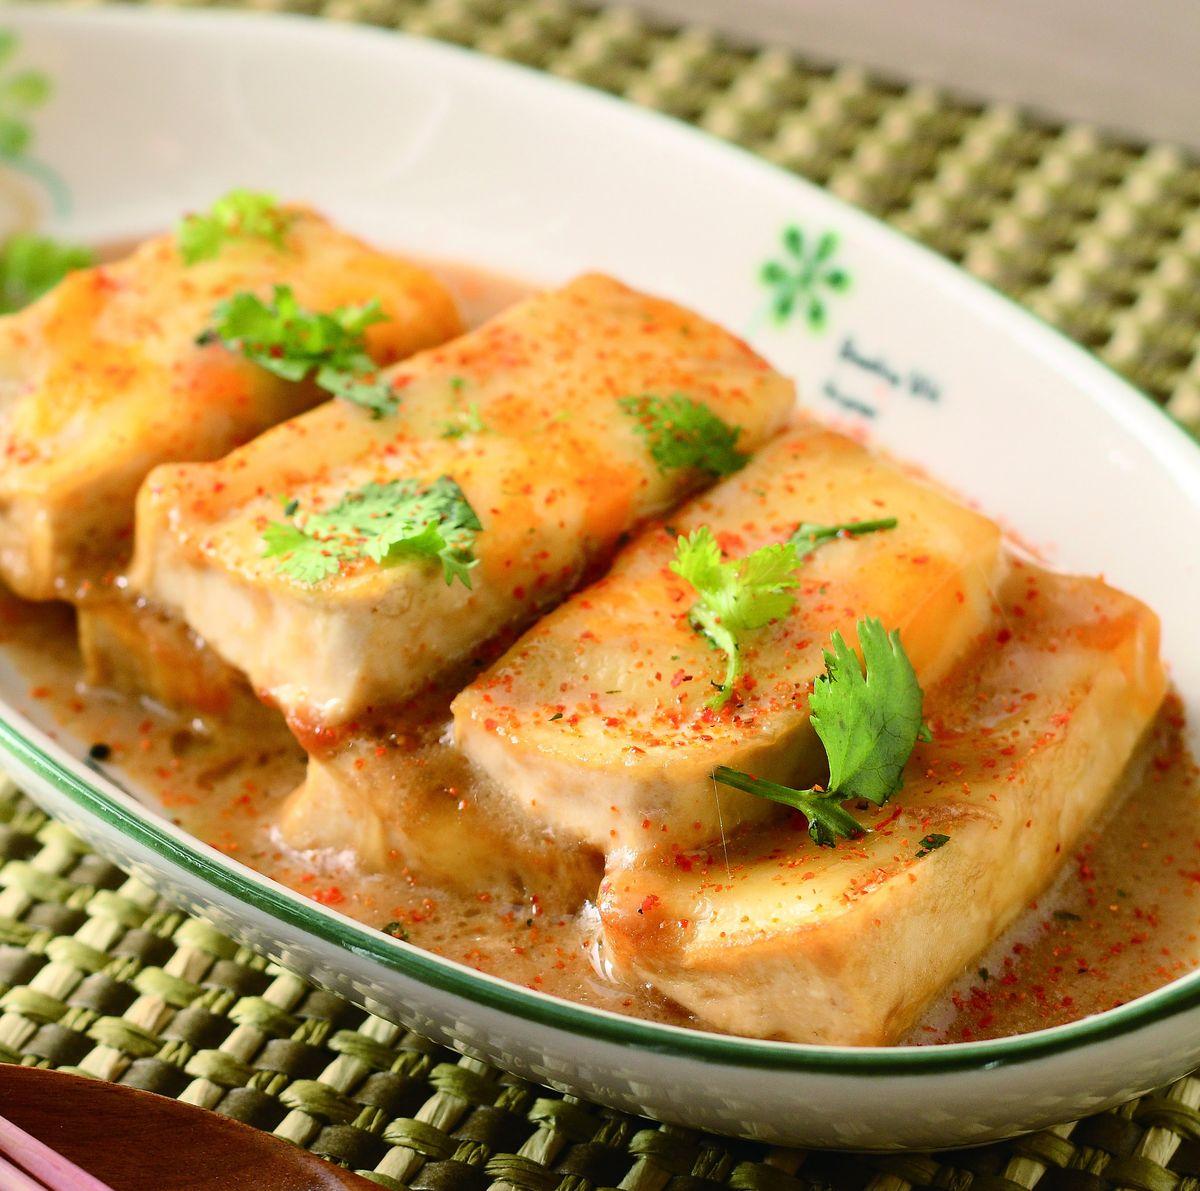 食譜:乳酪煎豆腐